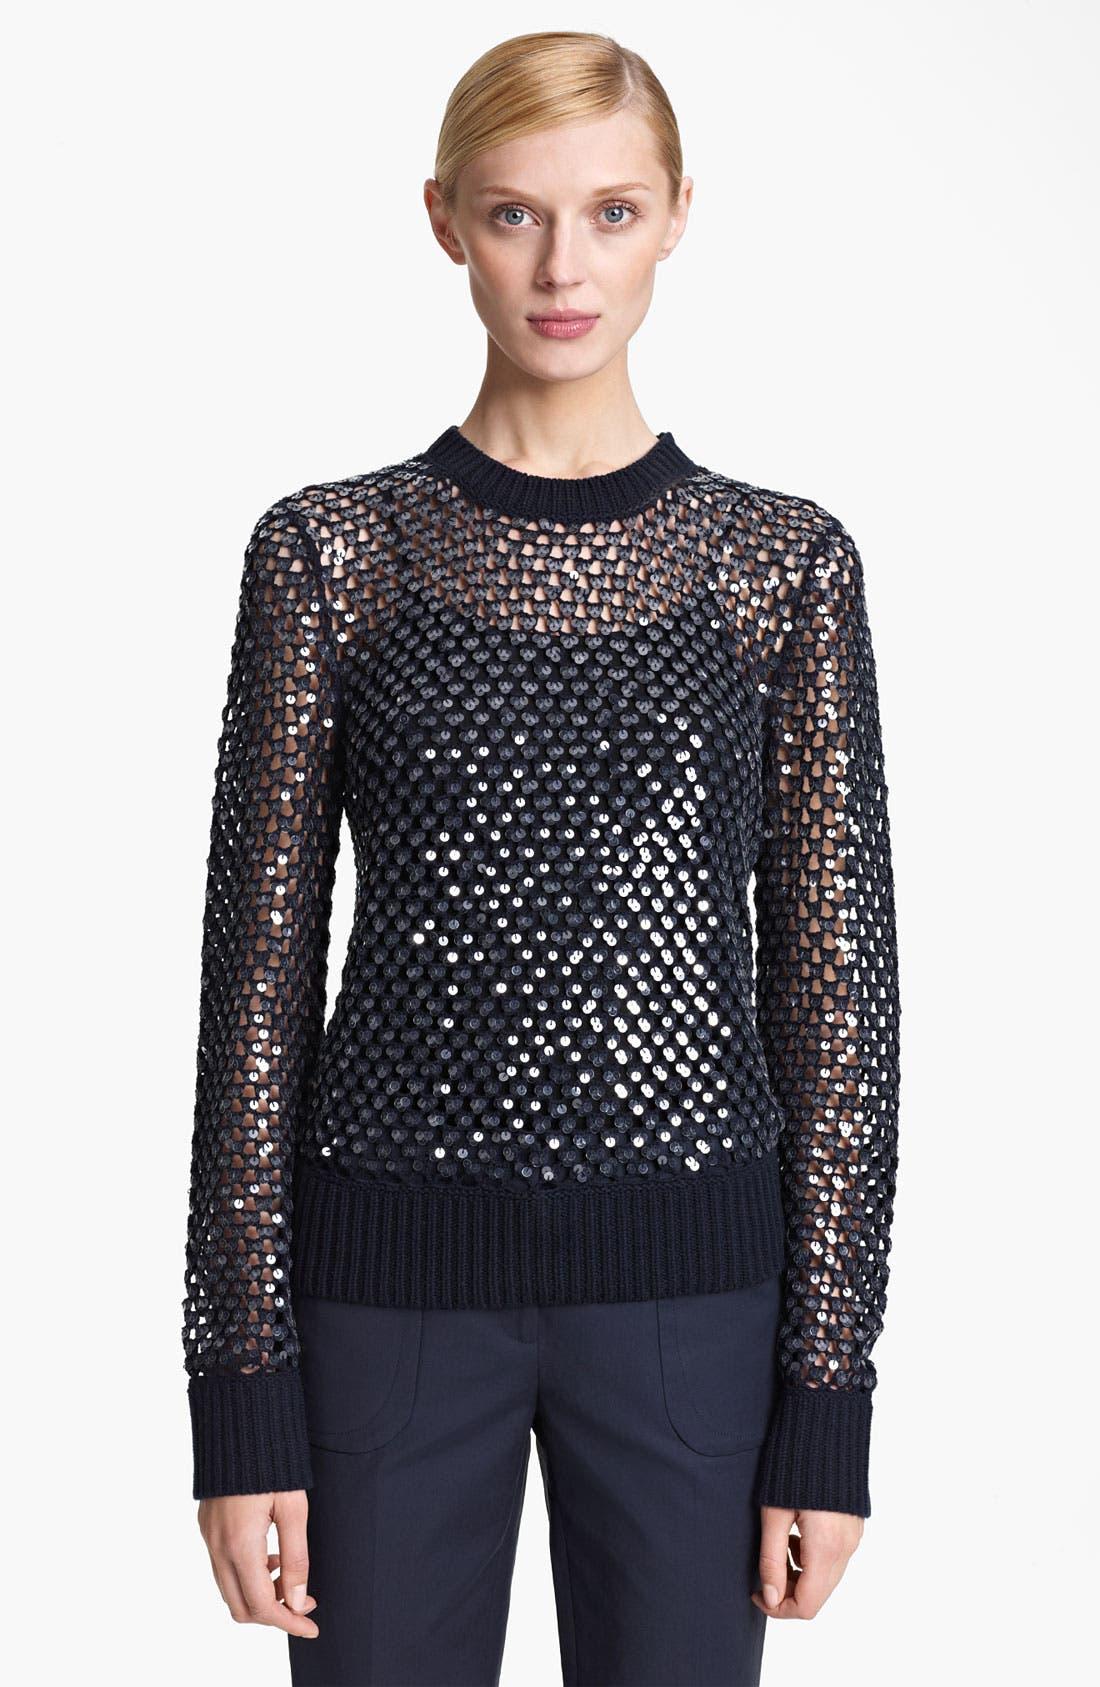 Main Image - Michael Kors Paillette Cashmere Sweater